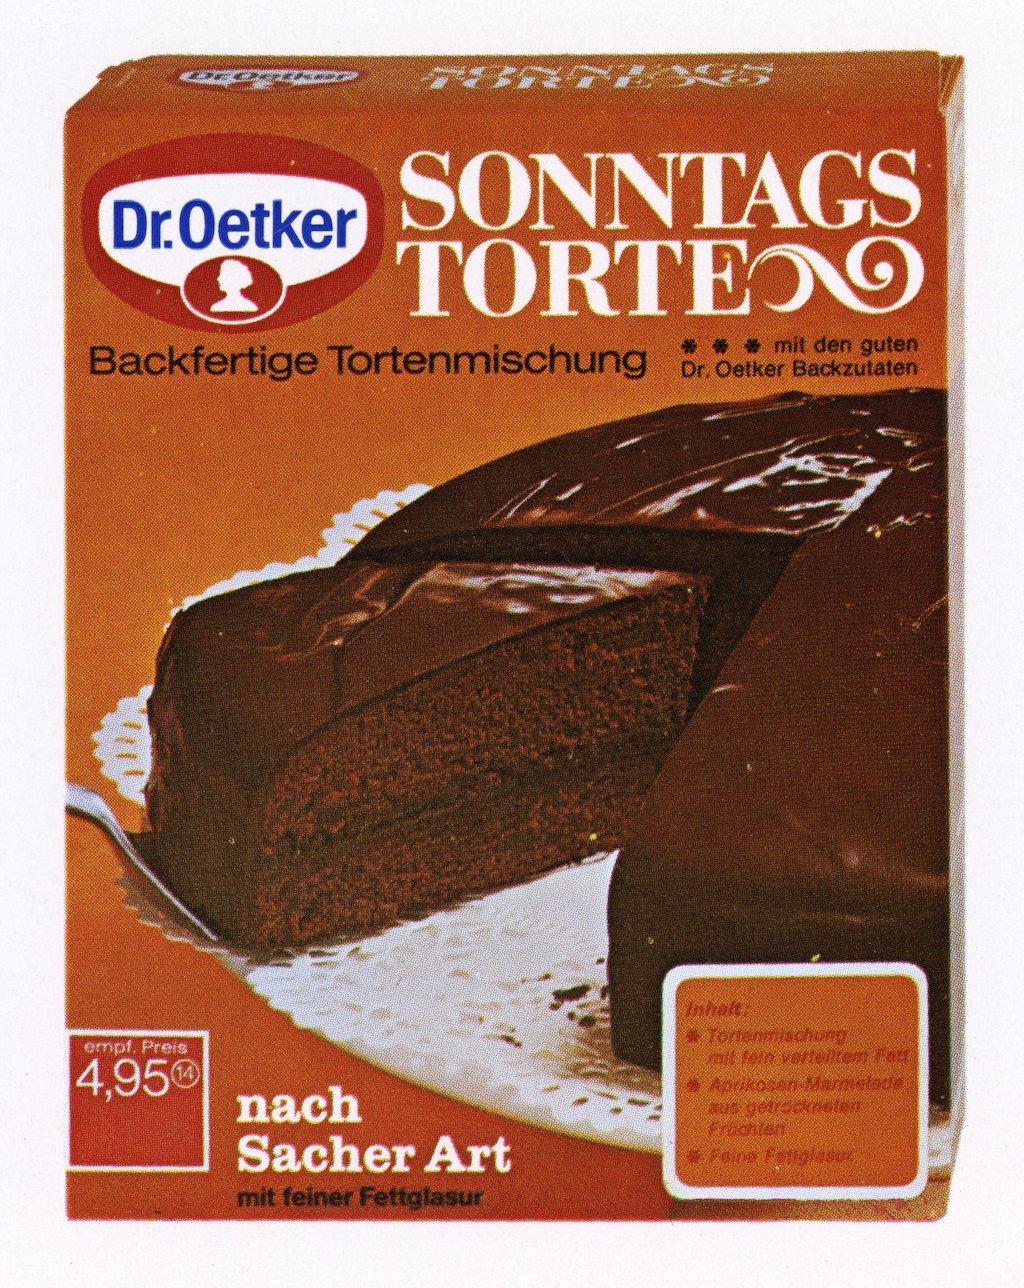 Dr. Oetker_1971_Erstes Backmischung Sonntagstorte nach Sacher Art mit feiner Fettglasur